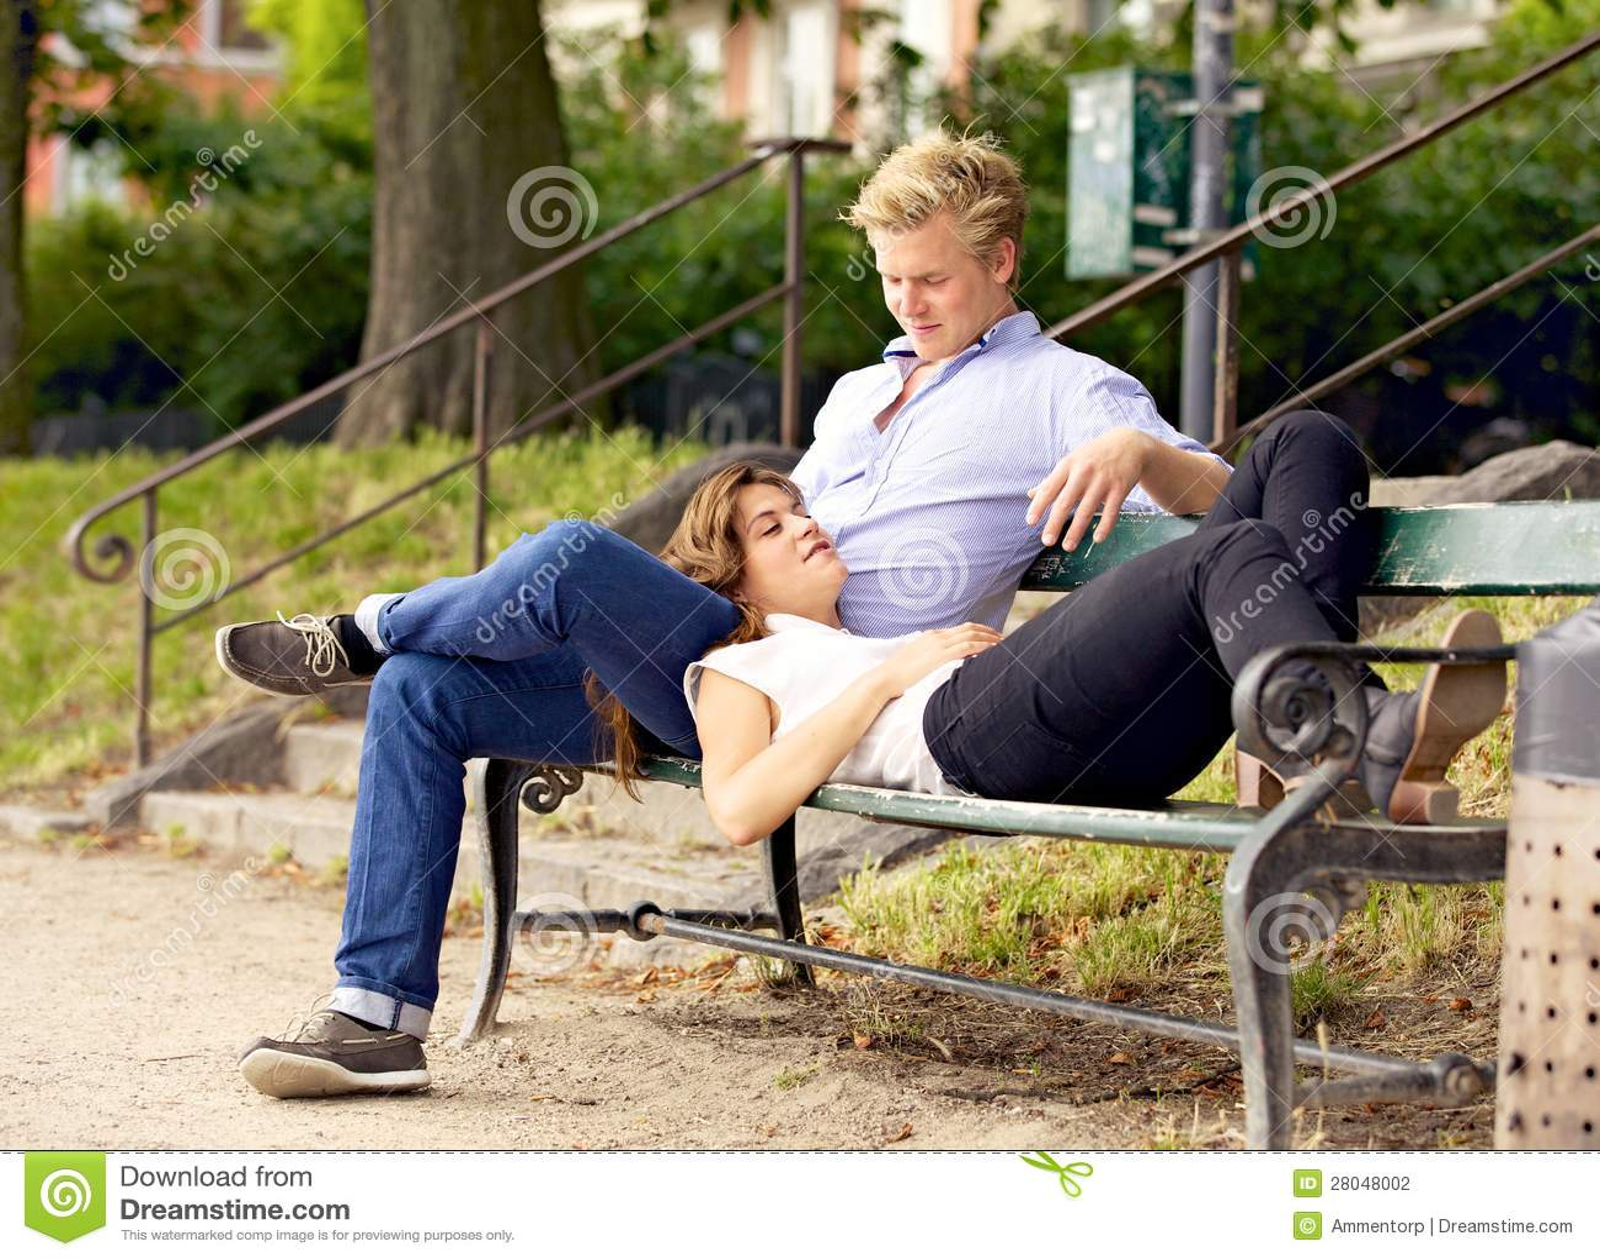 день случившегося одинокая девушка села на колени к парню успел присунуть уже